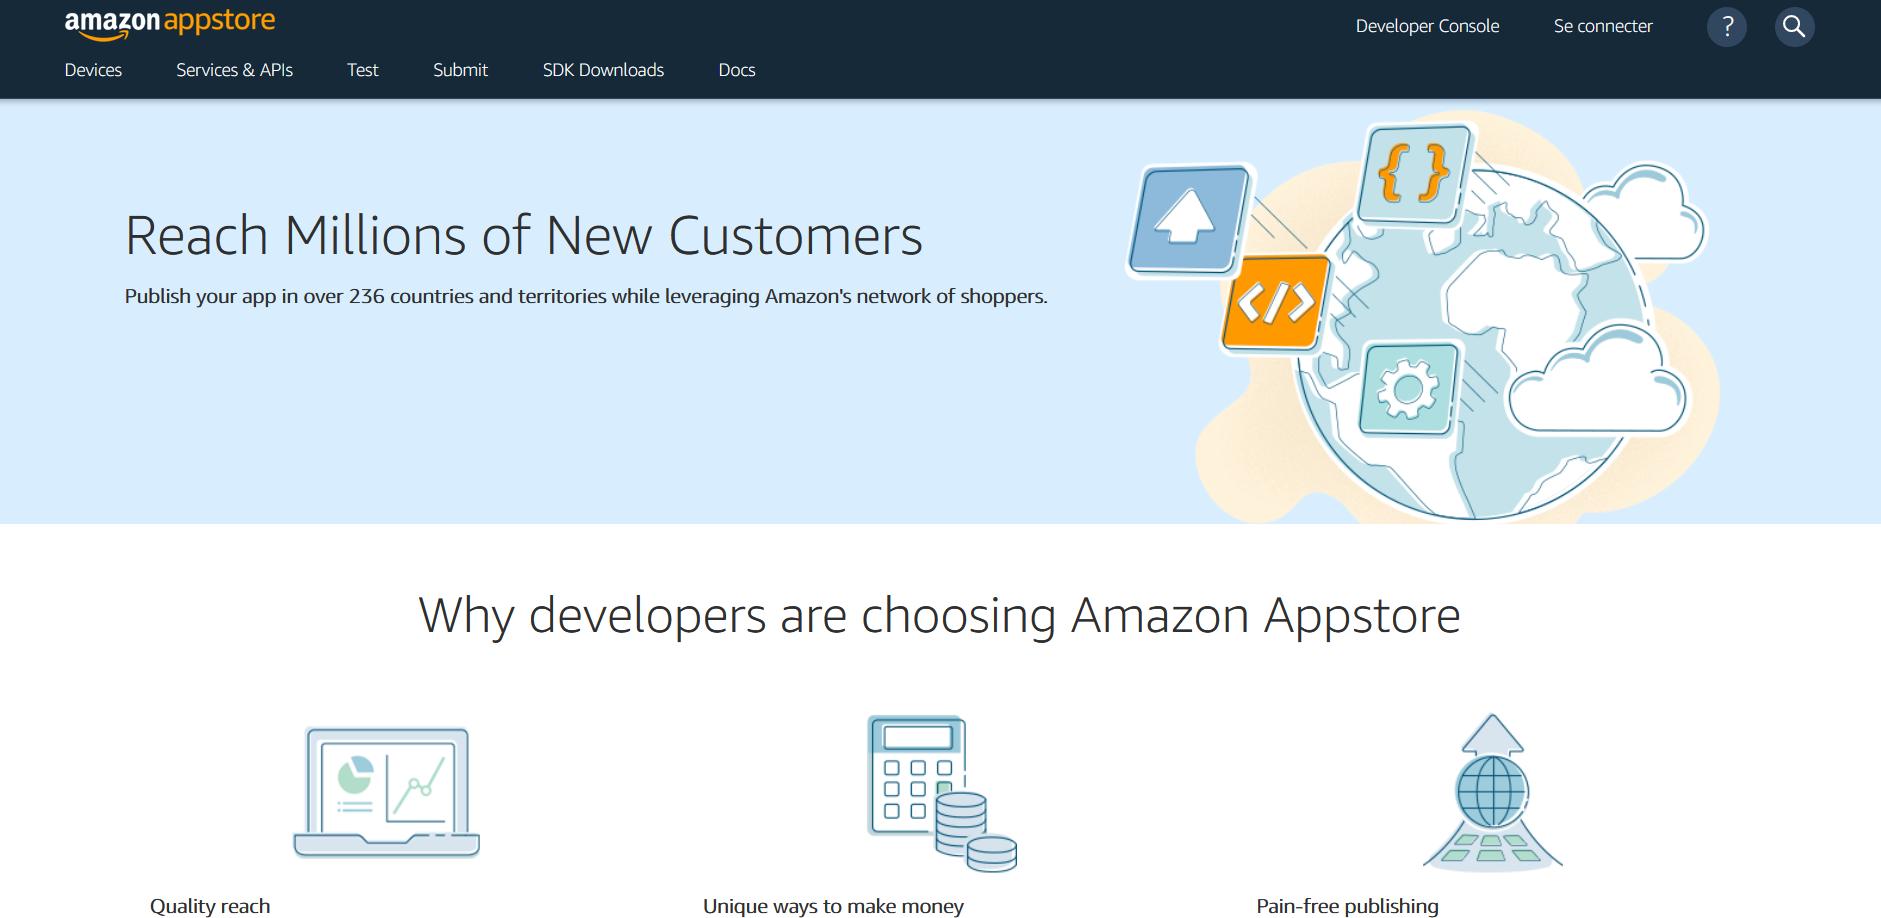 Gagnez de l'argent avec Amazon Appstore